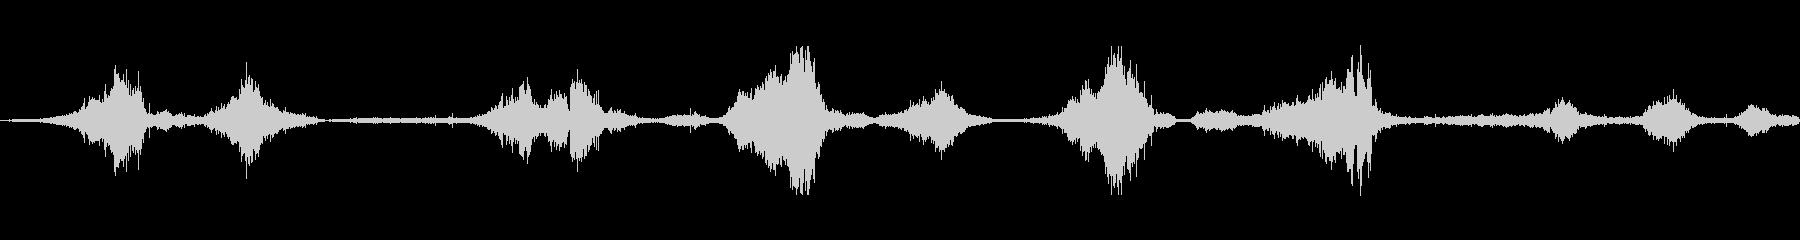 ビニールラフト:さまざまなスライデ...の未再生の波形